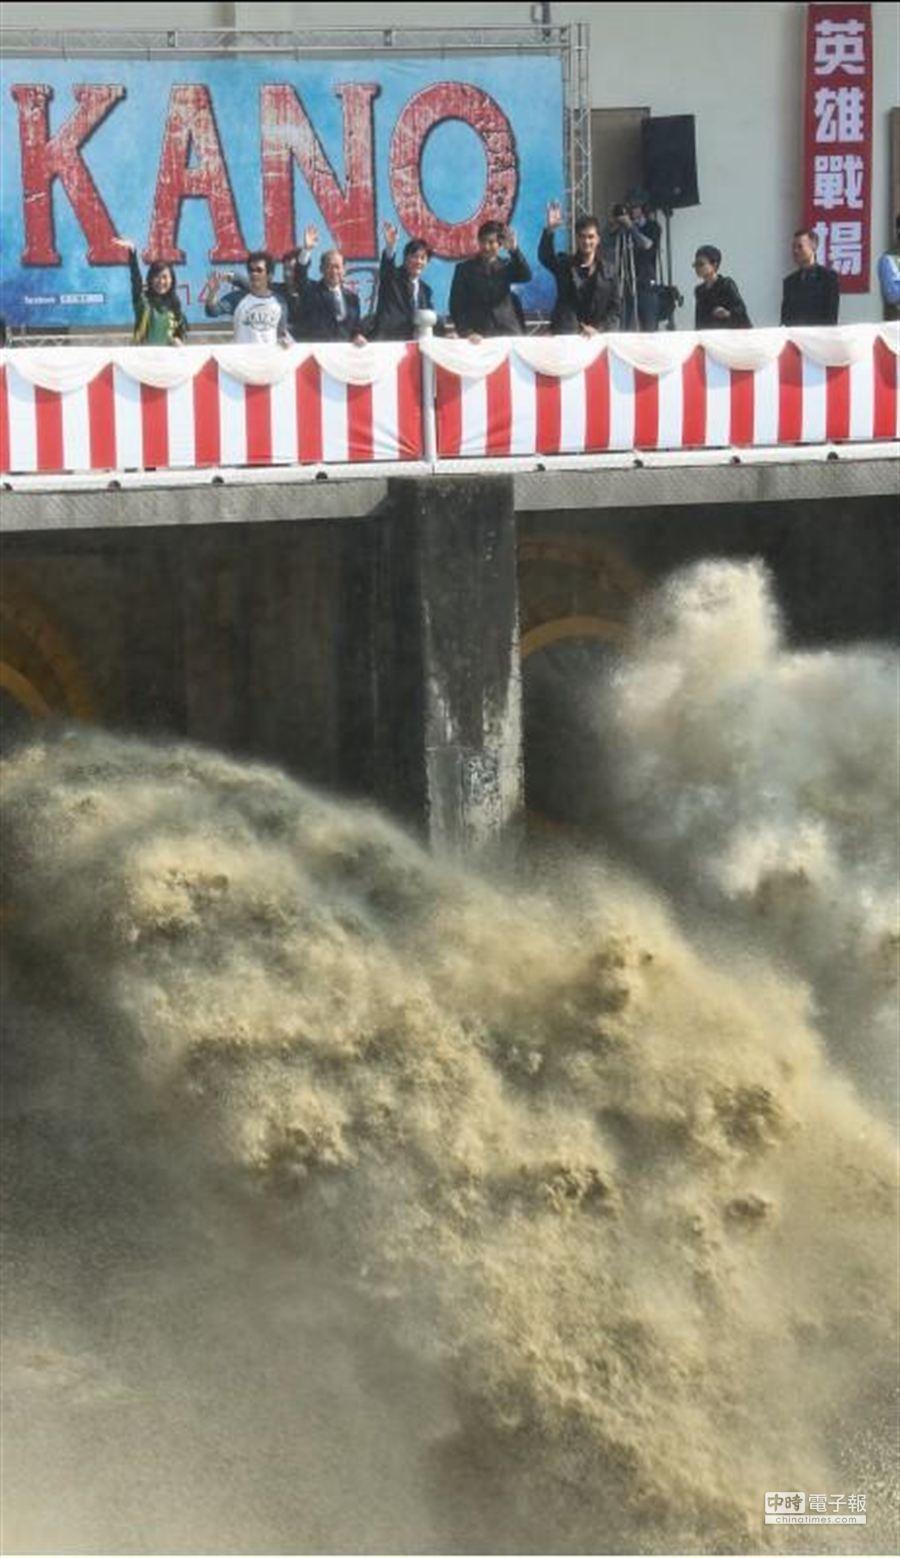 《KANO》電影記者會劇組在烏山頭水庫舉行,並開啟閘門洩洪。(羅永銘攝)